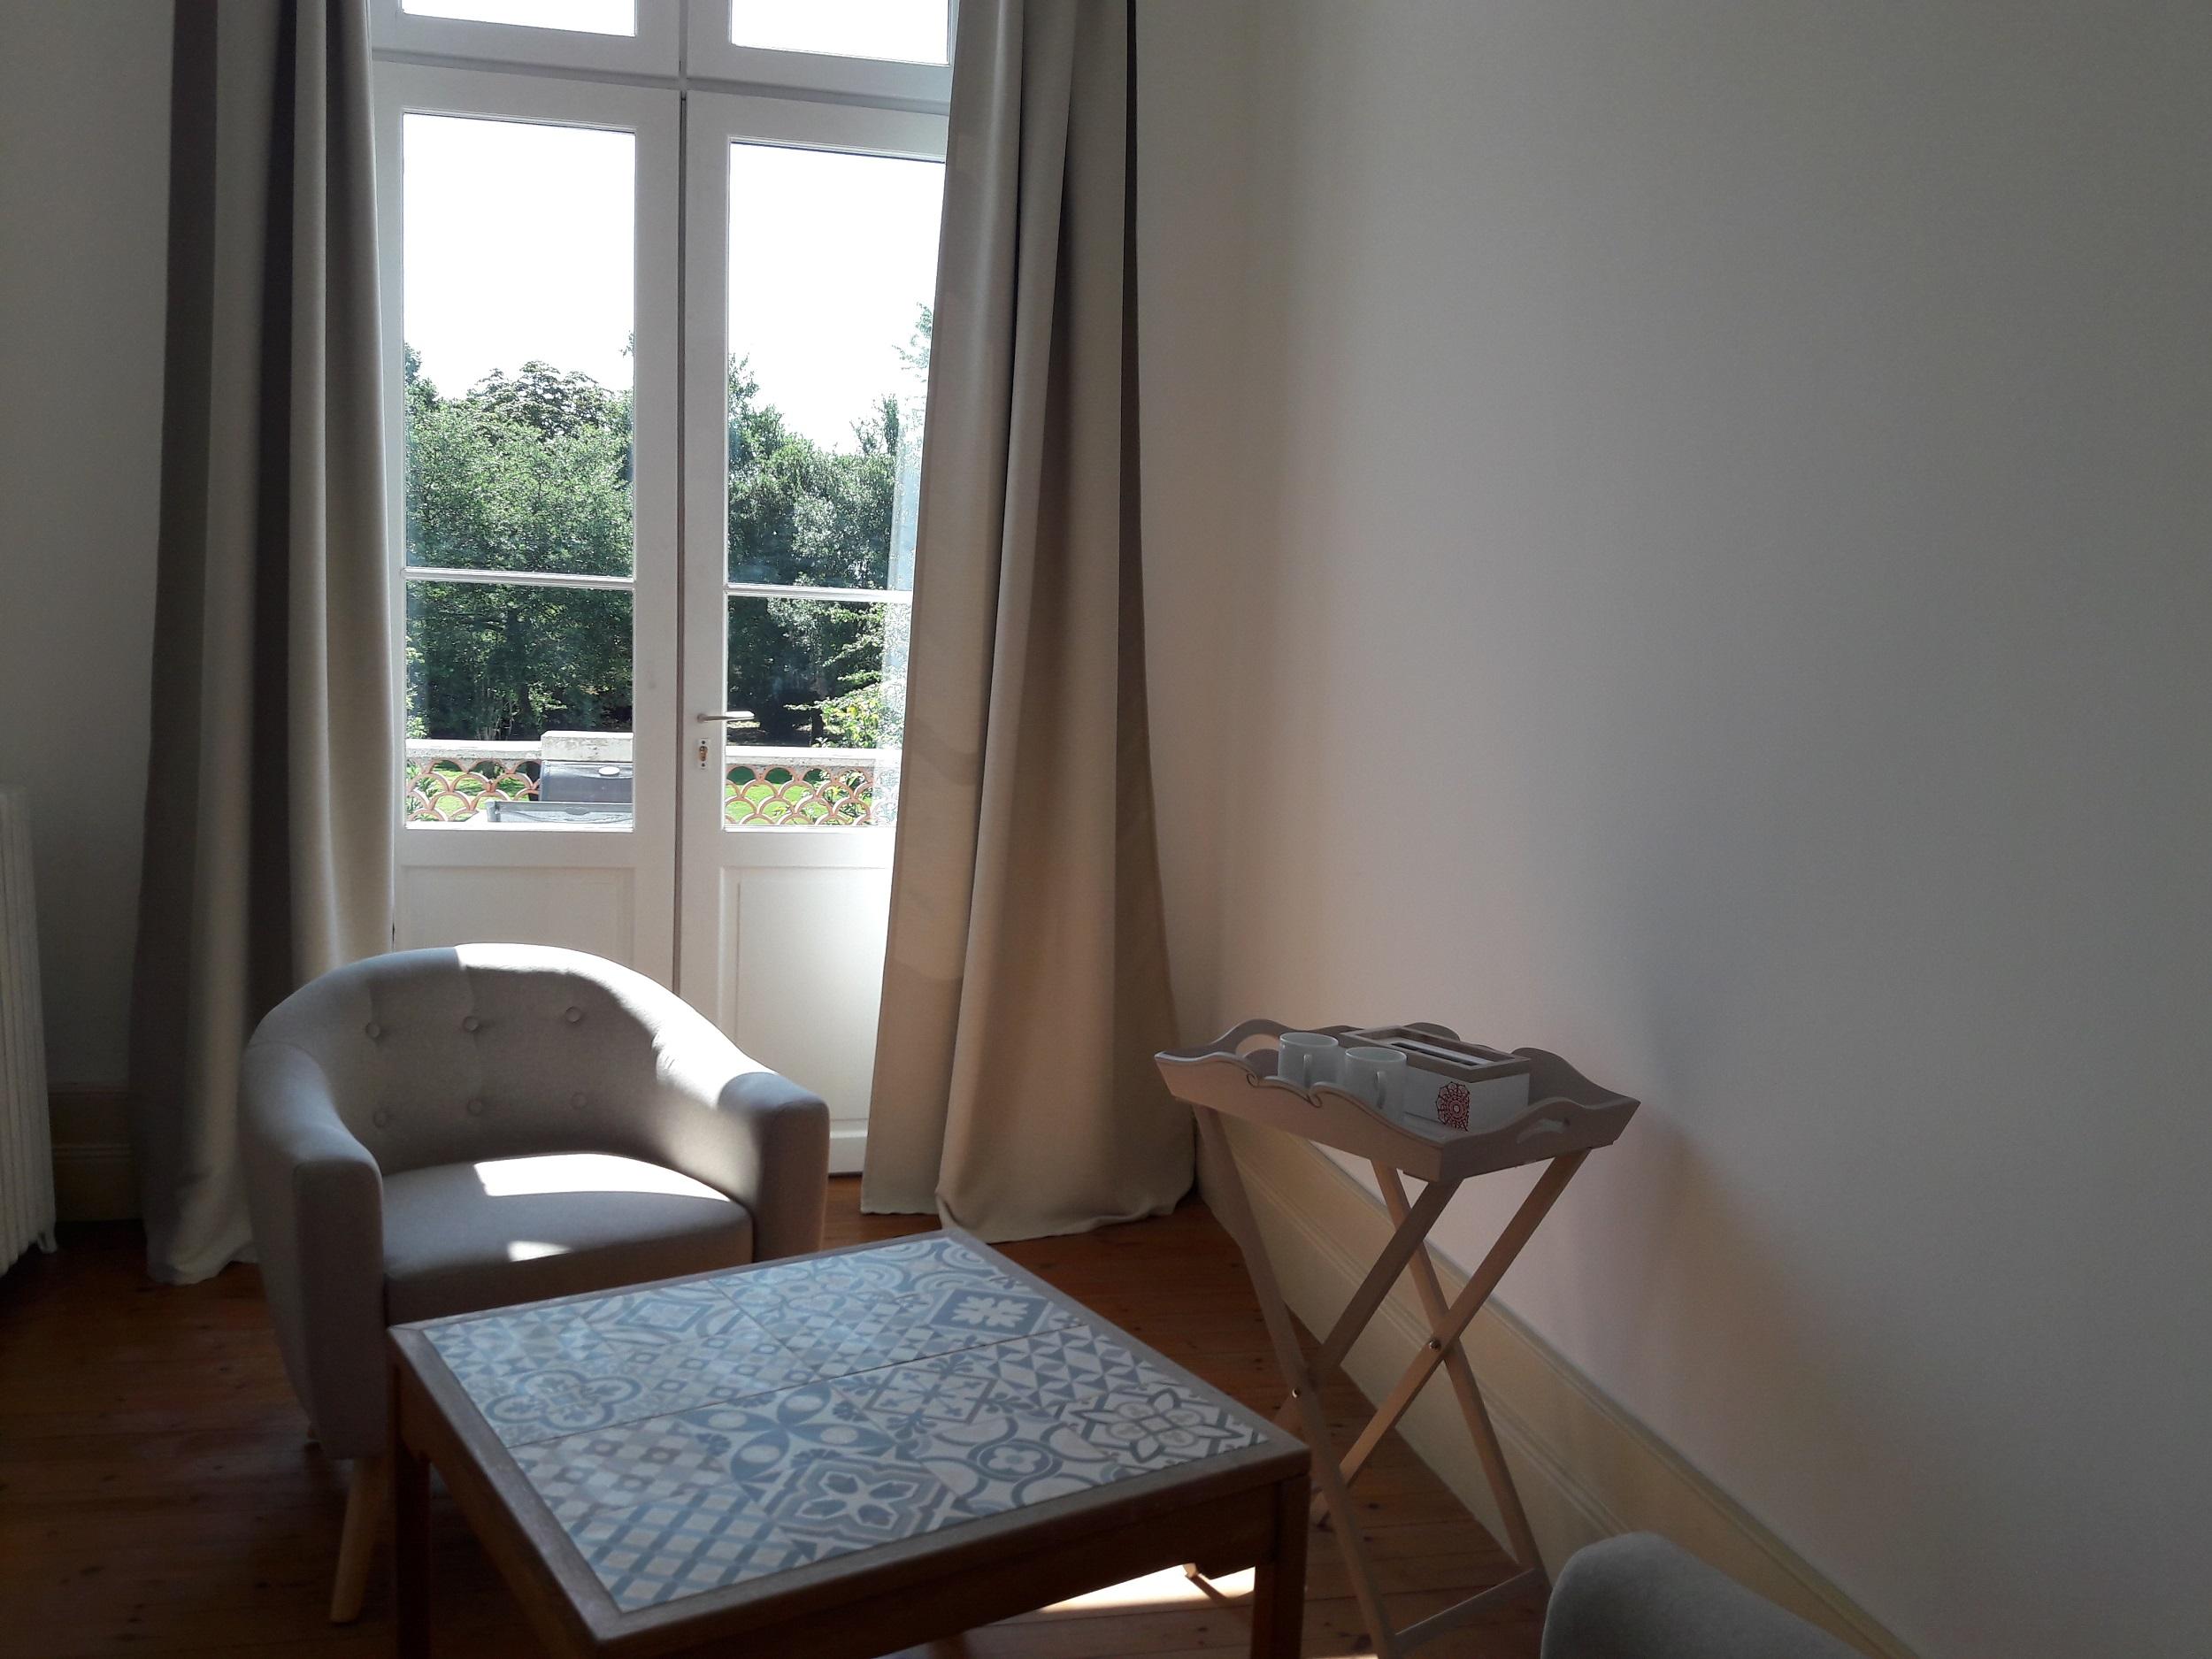 Salon privatif de la suite avec fauteuils modernes, table basse et accès sur la terrasse privative avec vue sur le jardin